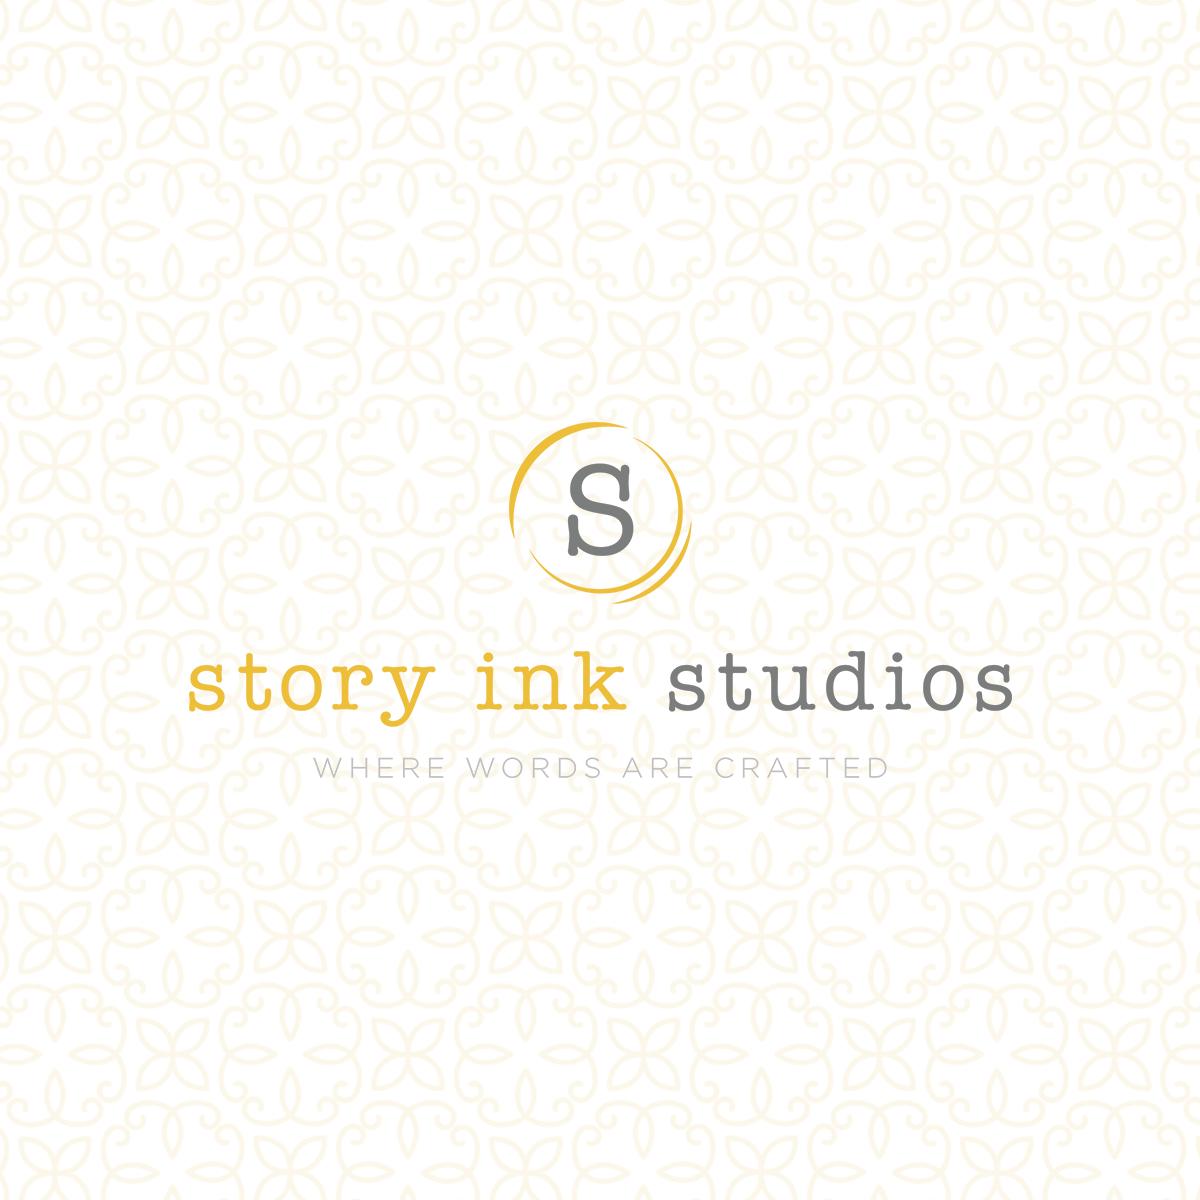 StoryInkStudios.png